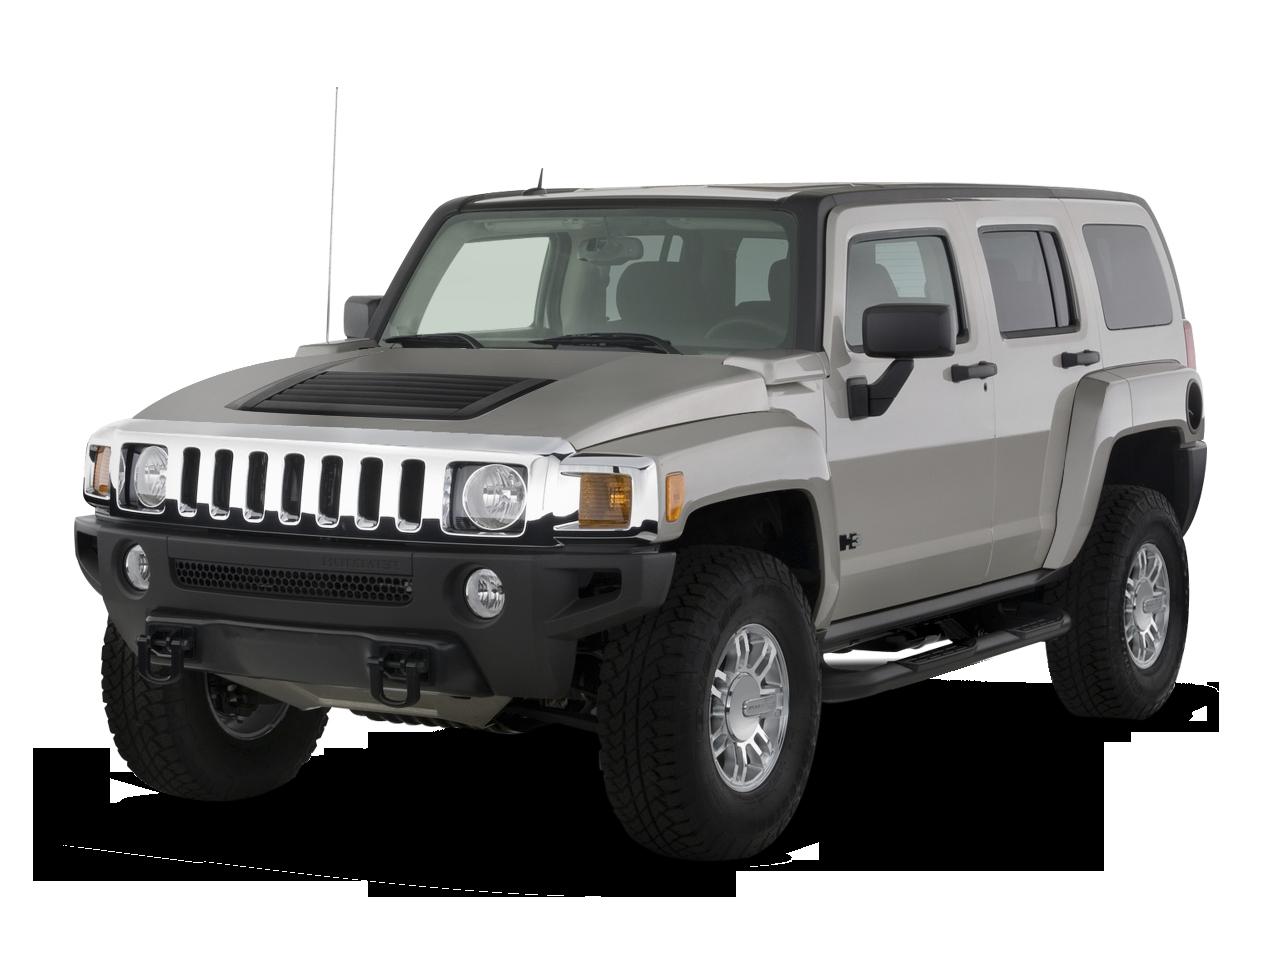 2007 Hummer H3 4WD